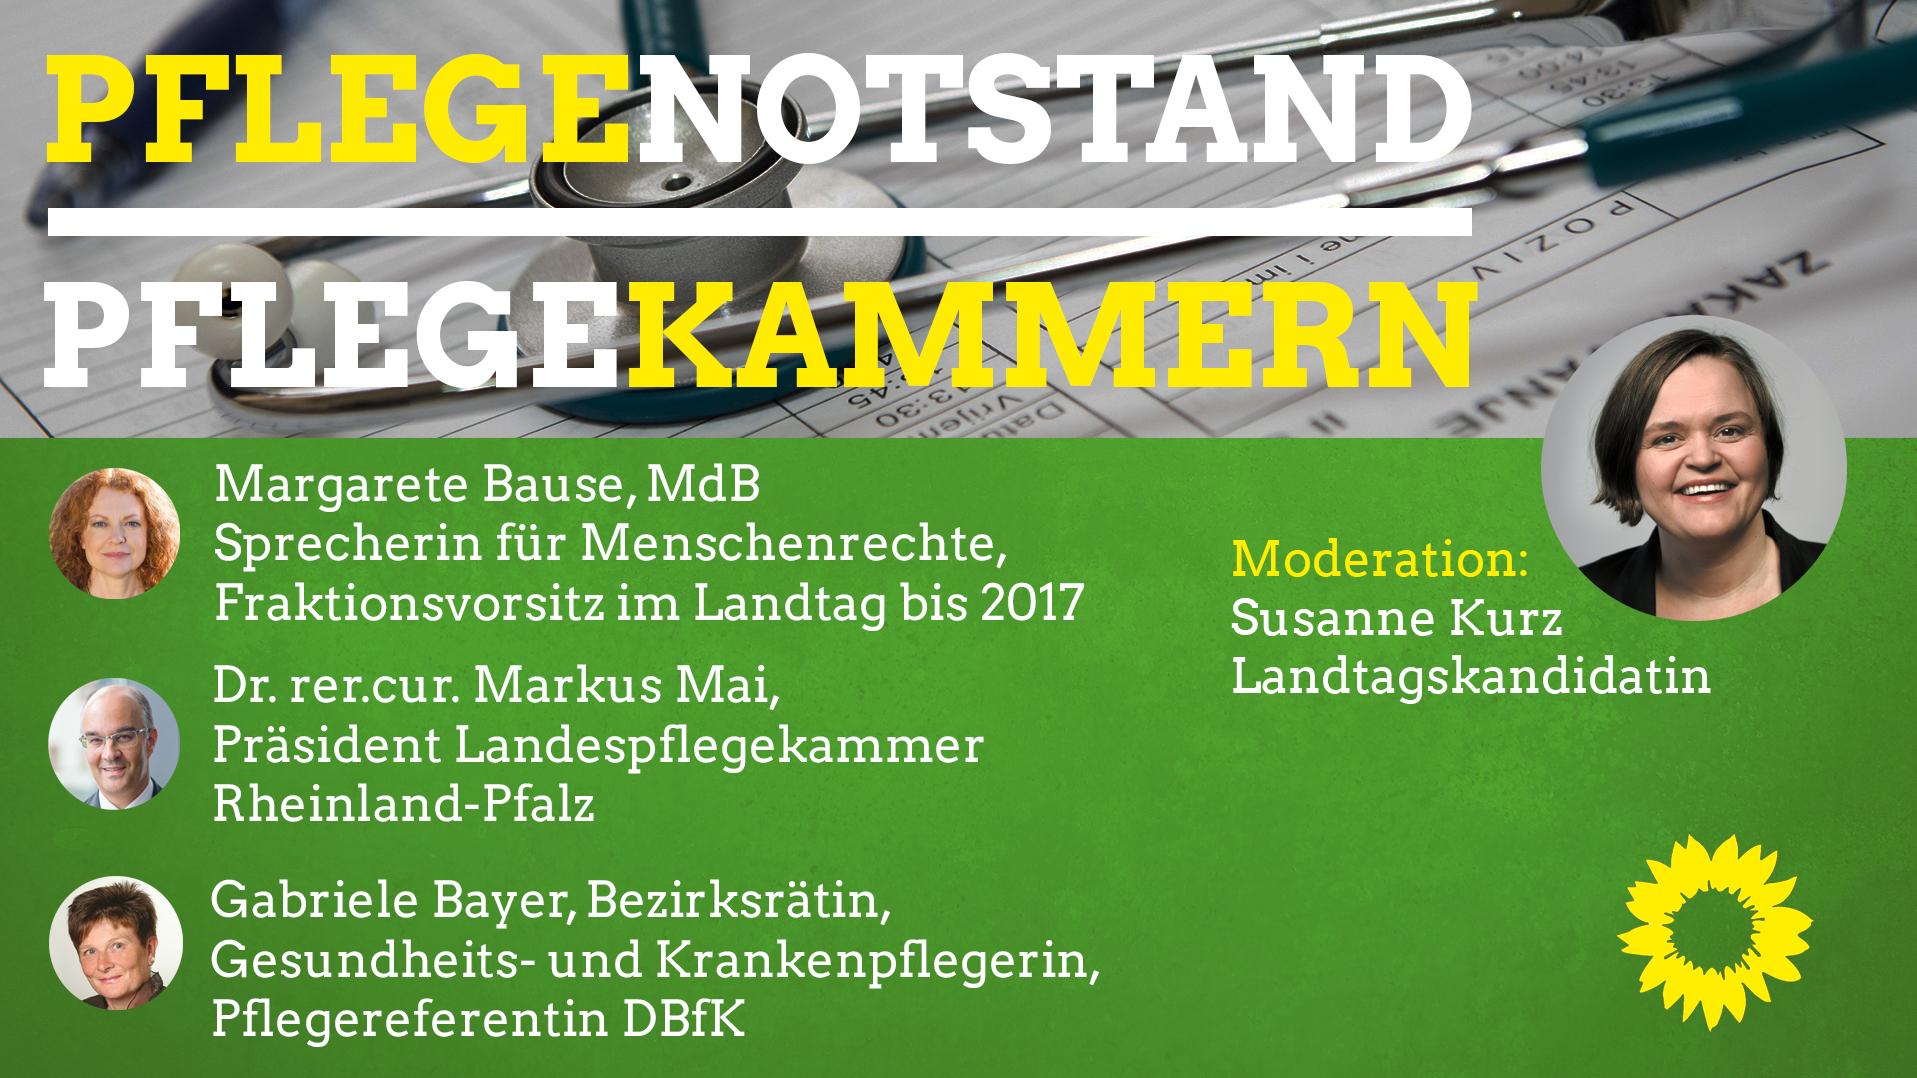 Margarete Bause Sanne Kurz Veranstaltung